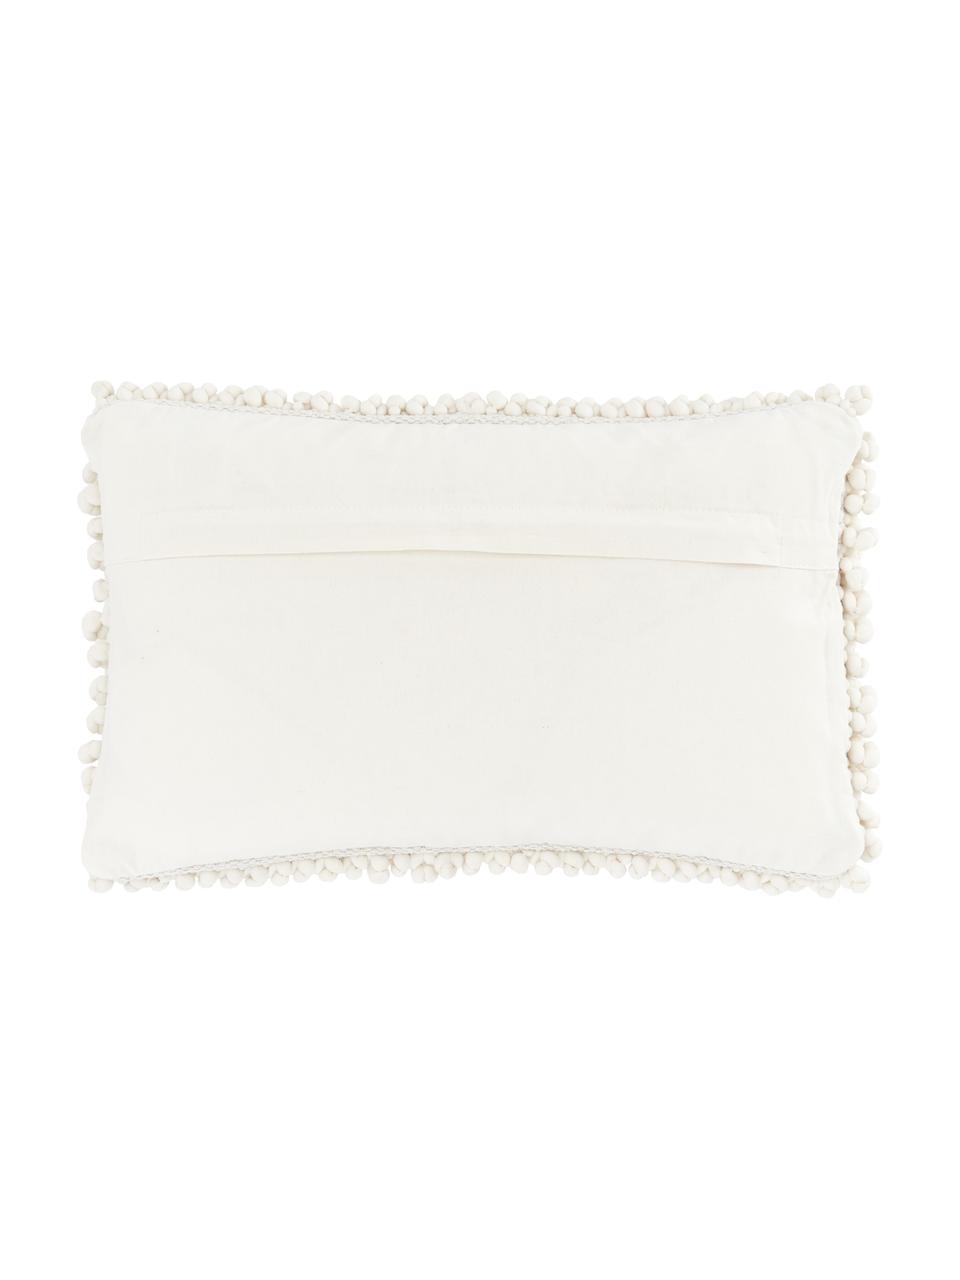 Federa arredo bianco crema con palline di tessuto Iona, Retro: 100% cotone, Beige, Larg. 30 x Lung. 50 cm